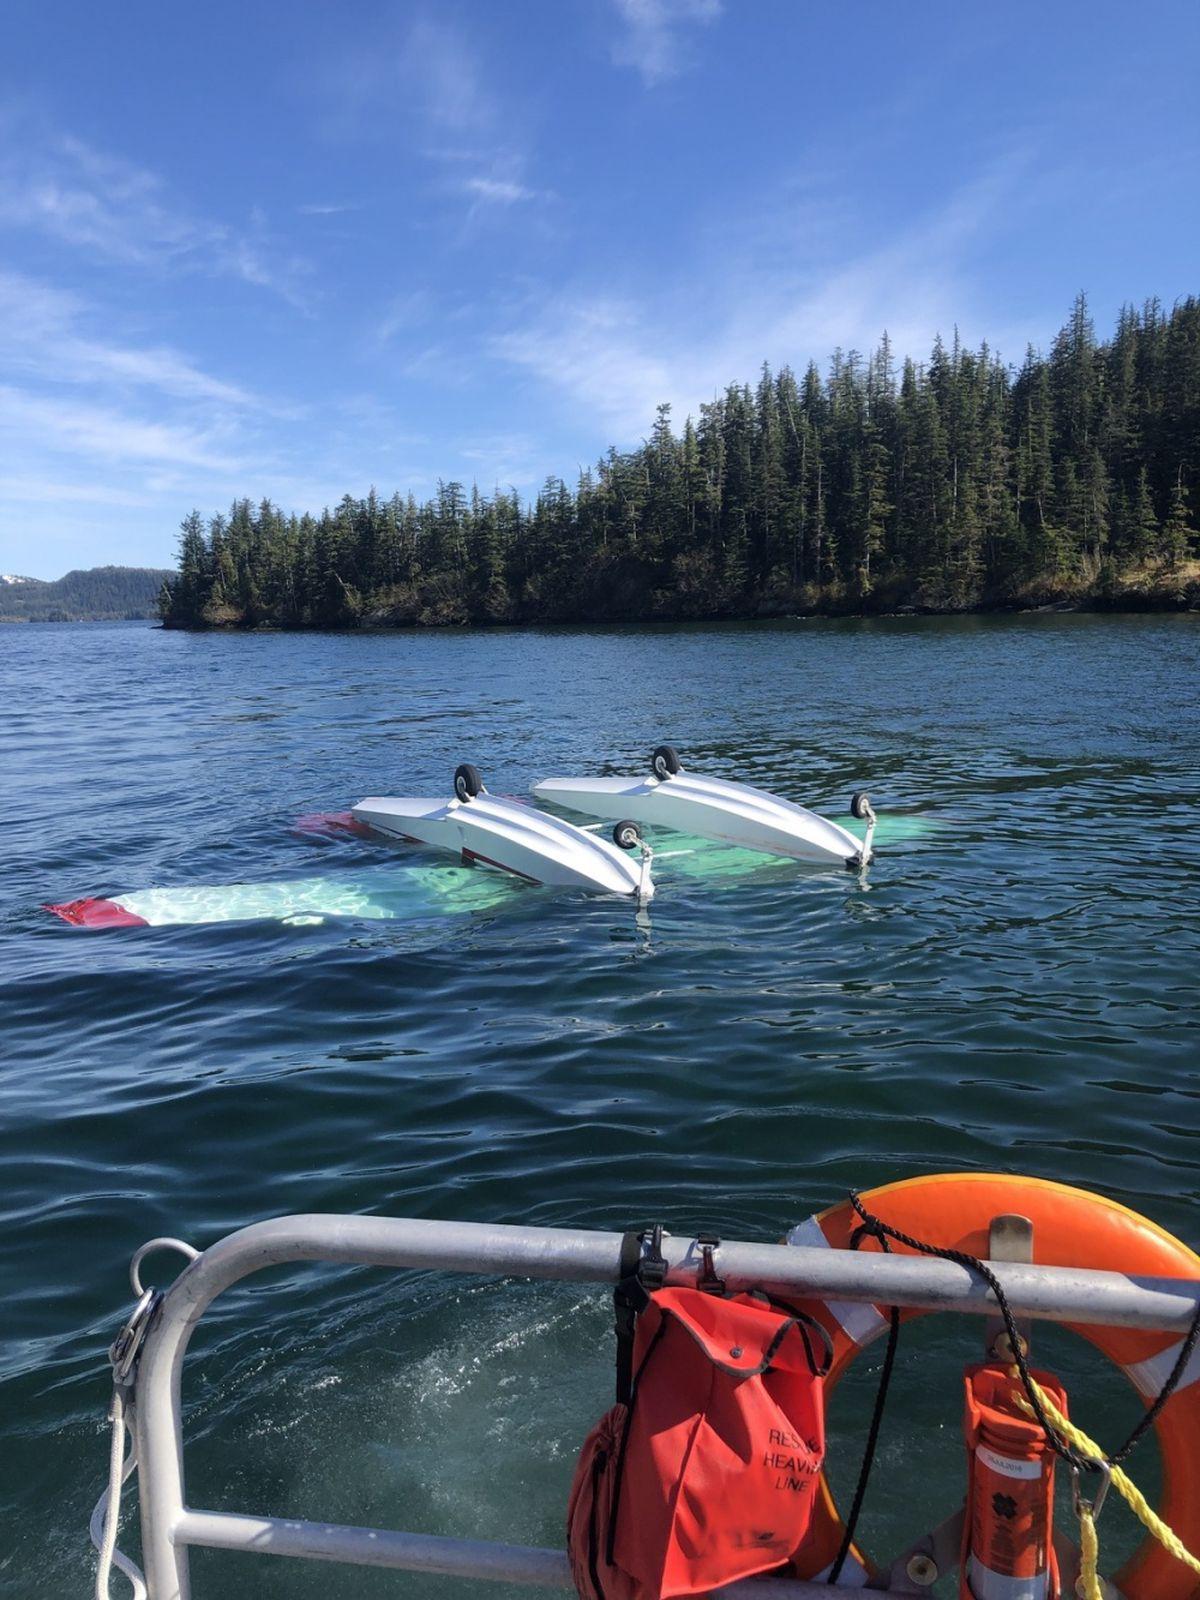 One person dead in Prince William Sound plane crash - Anchorage